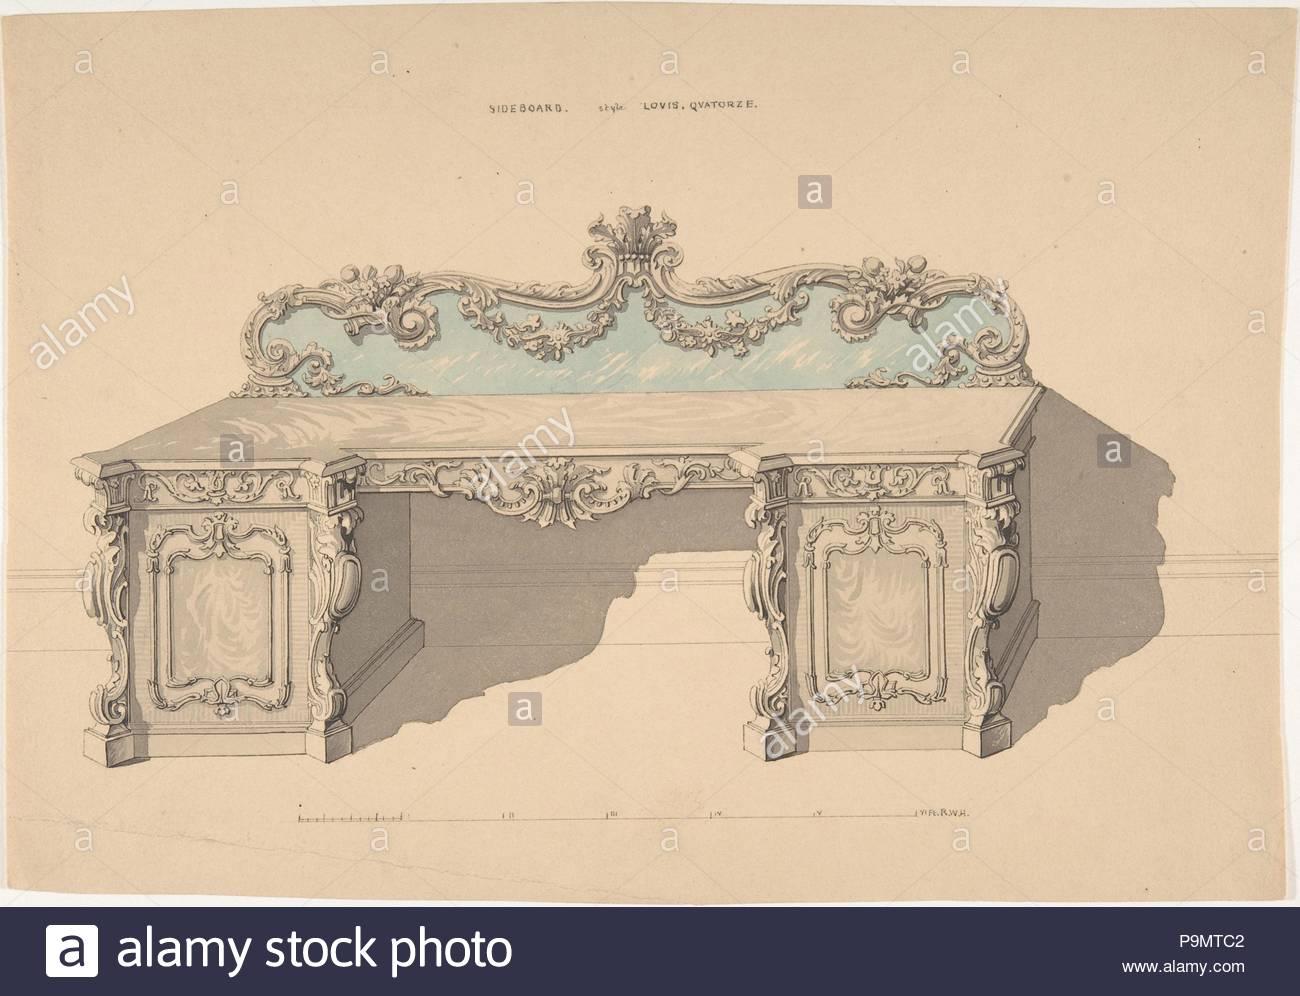 La Credenza Del Mondo Esterno Hume : 1816 1904 immagini & fotos stock alamy